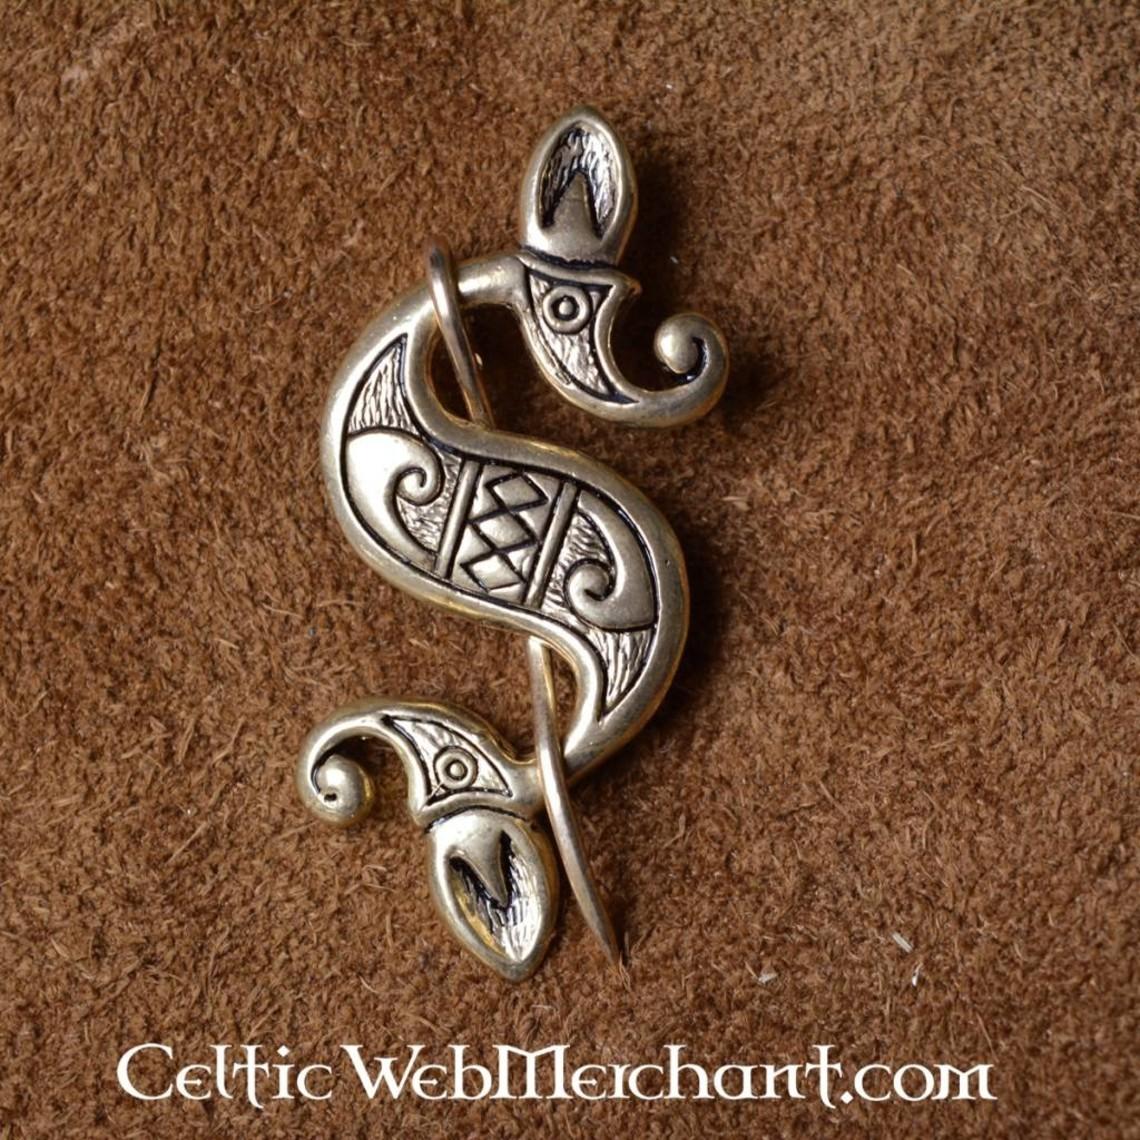 Celta-romana peroné caballito de mar, plateado